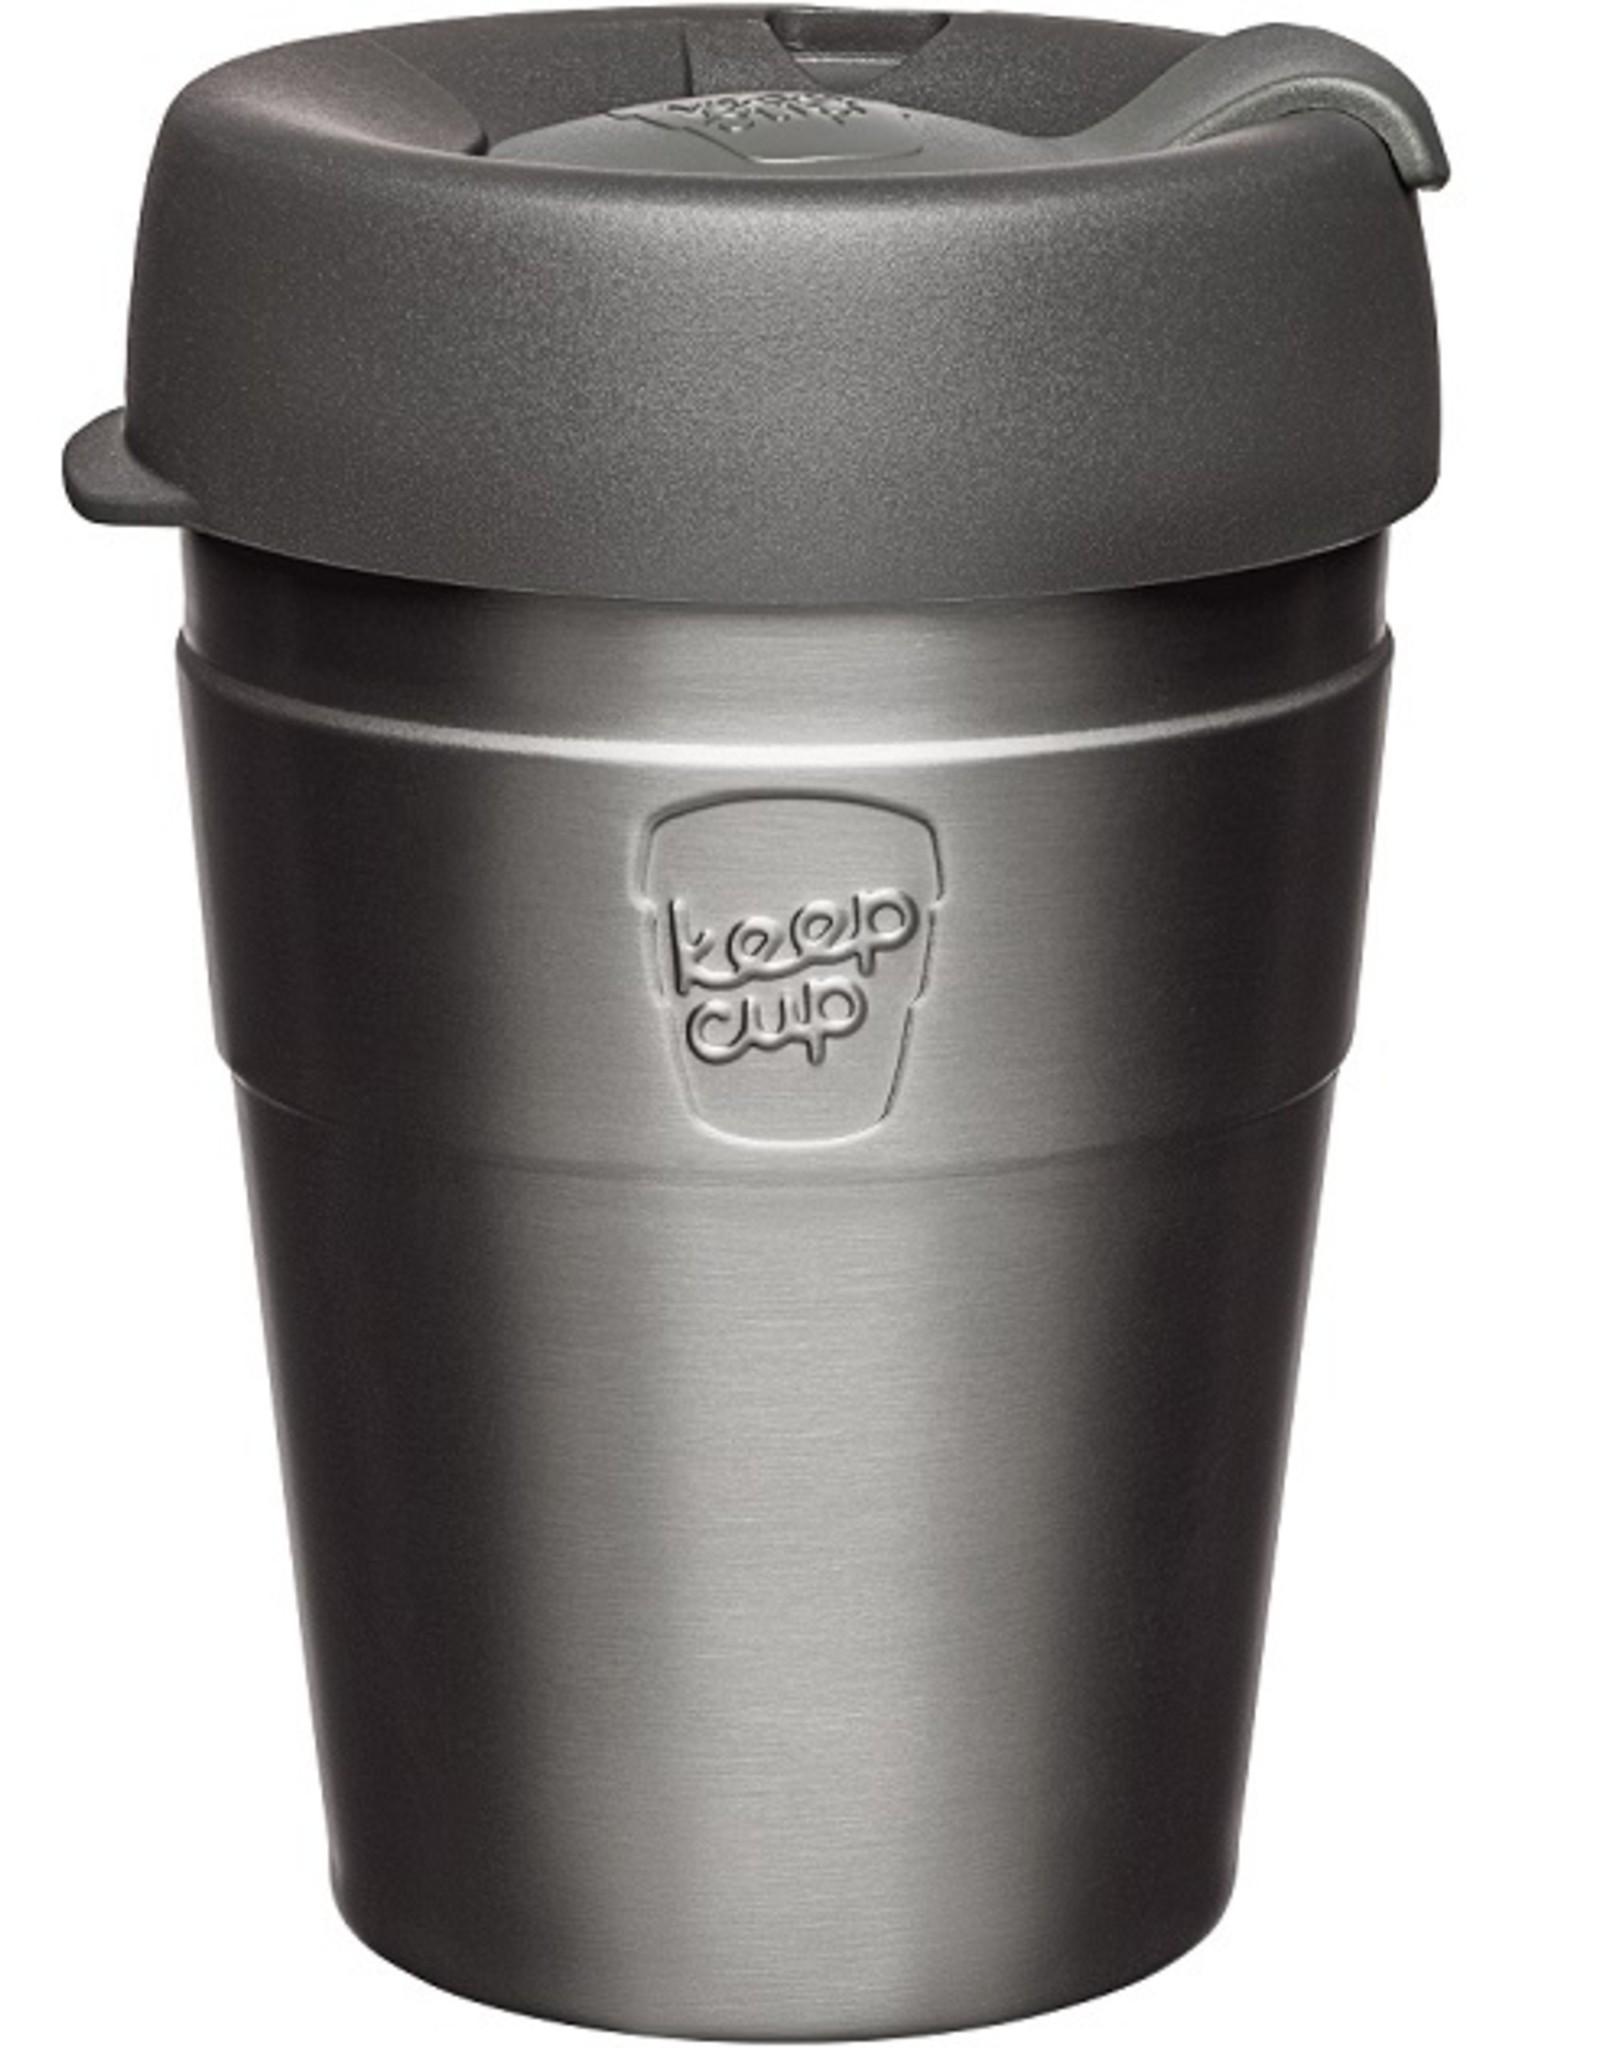 KeepCup KeepCup koffiebeker RVS